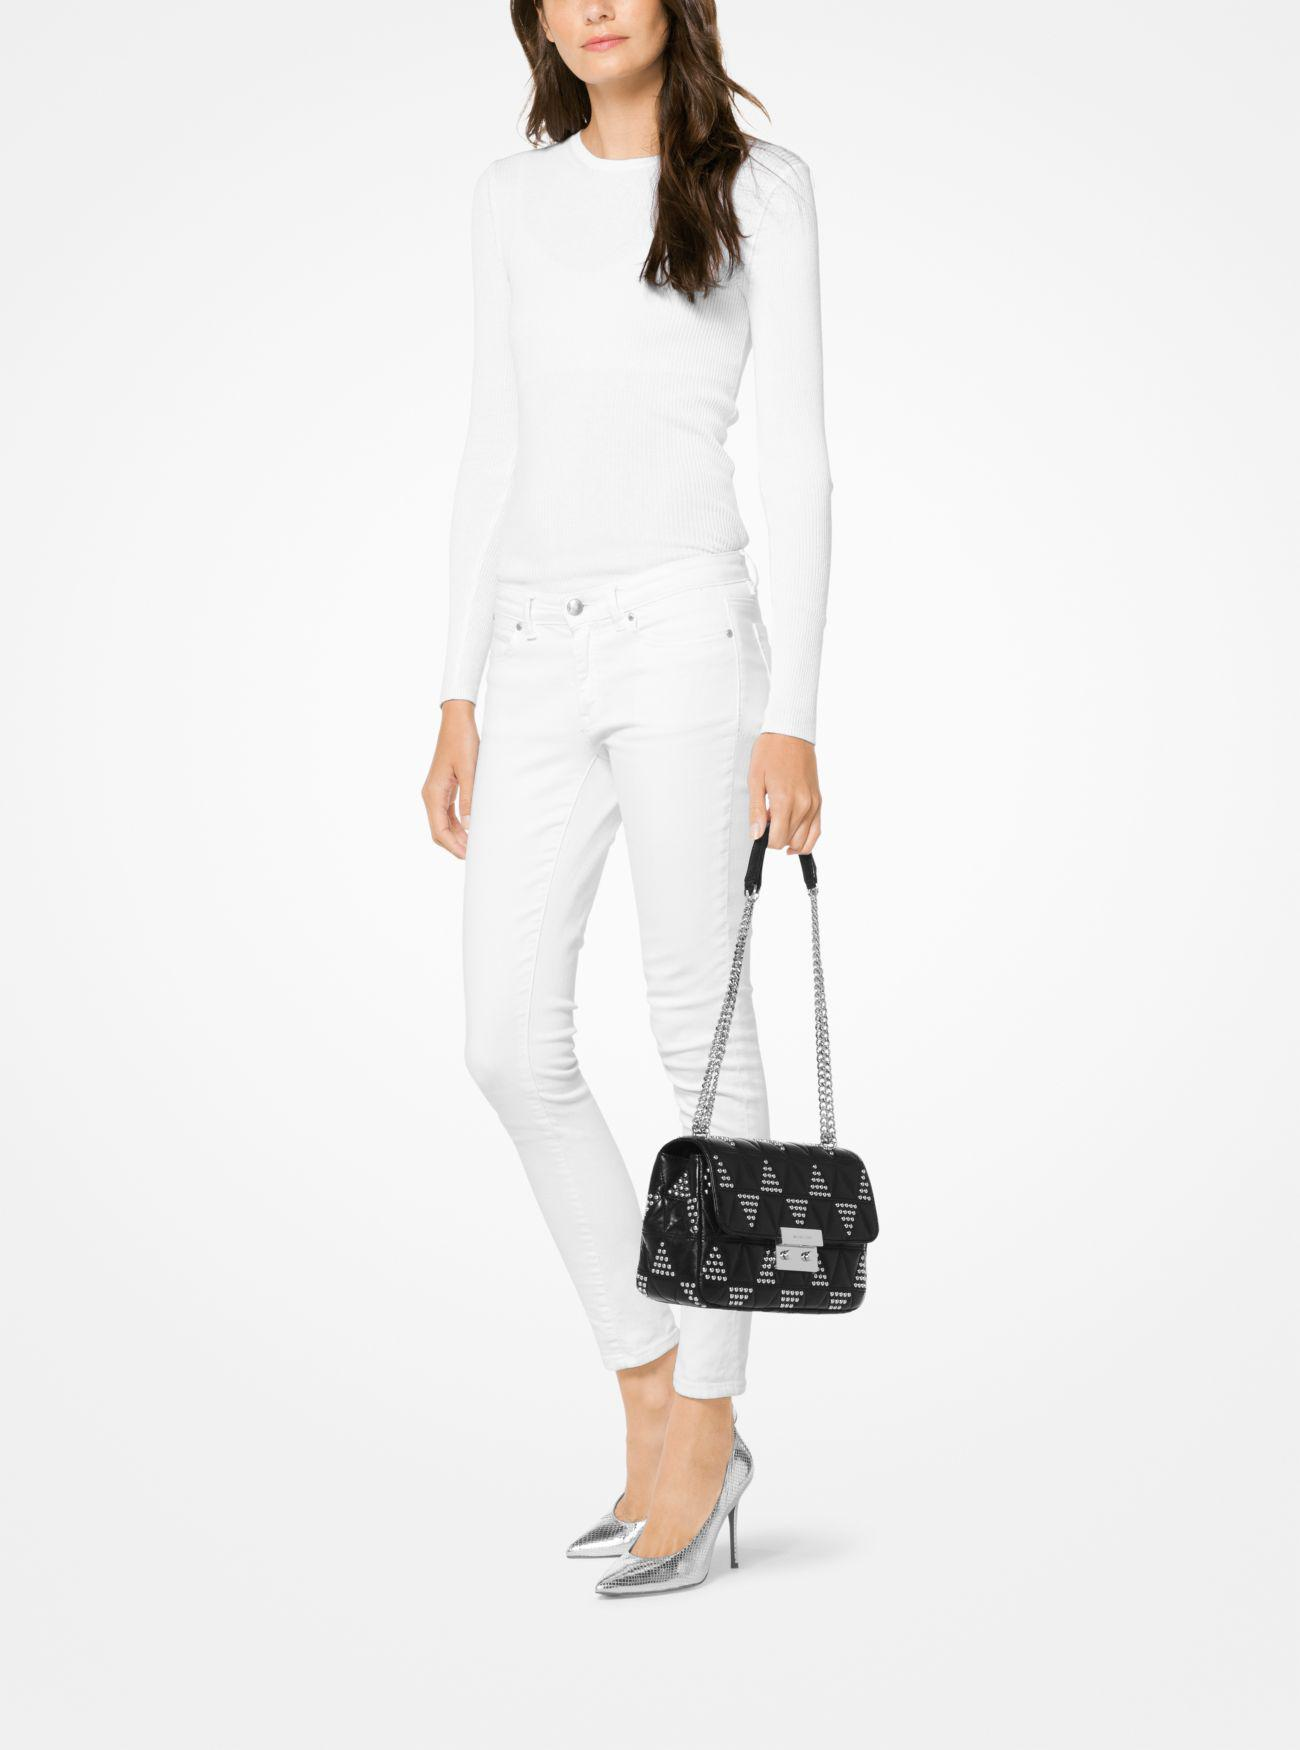 735e829a21c Lyst - Michael Kors Sloan Large Studded Leather Shoulder Bag in Black